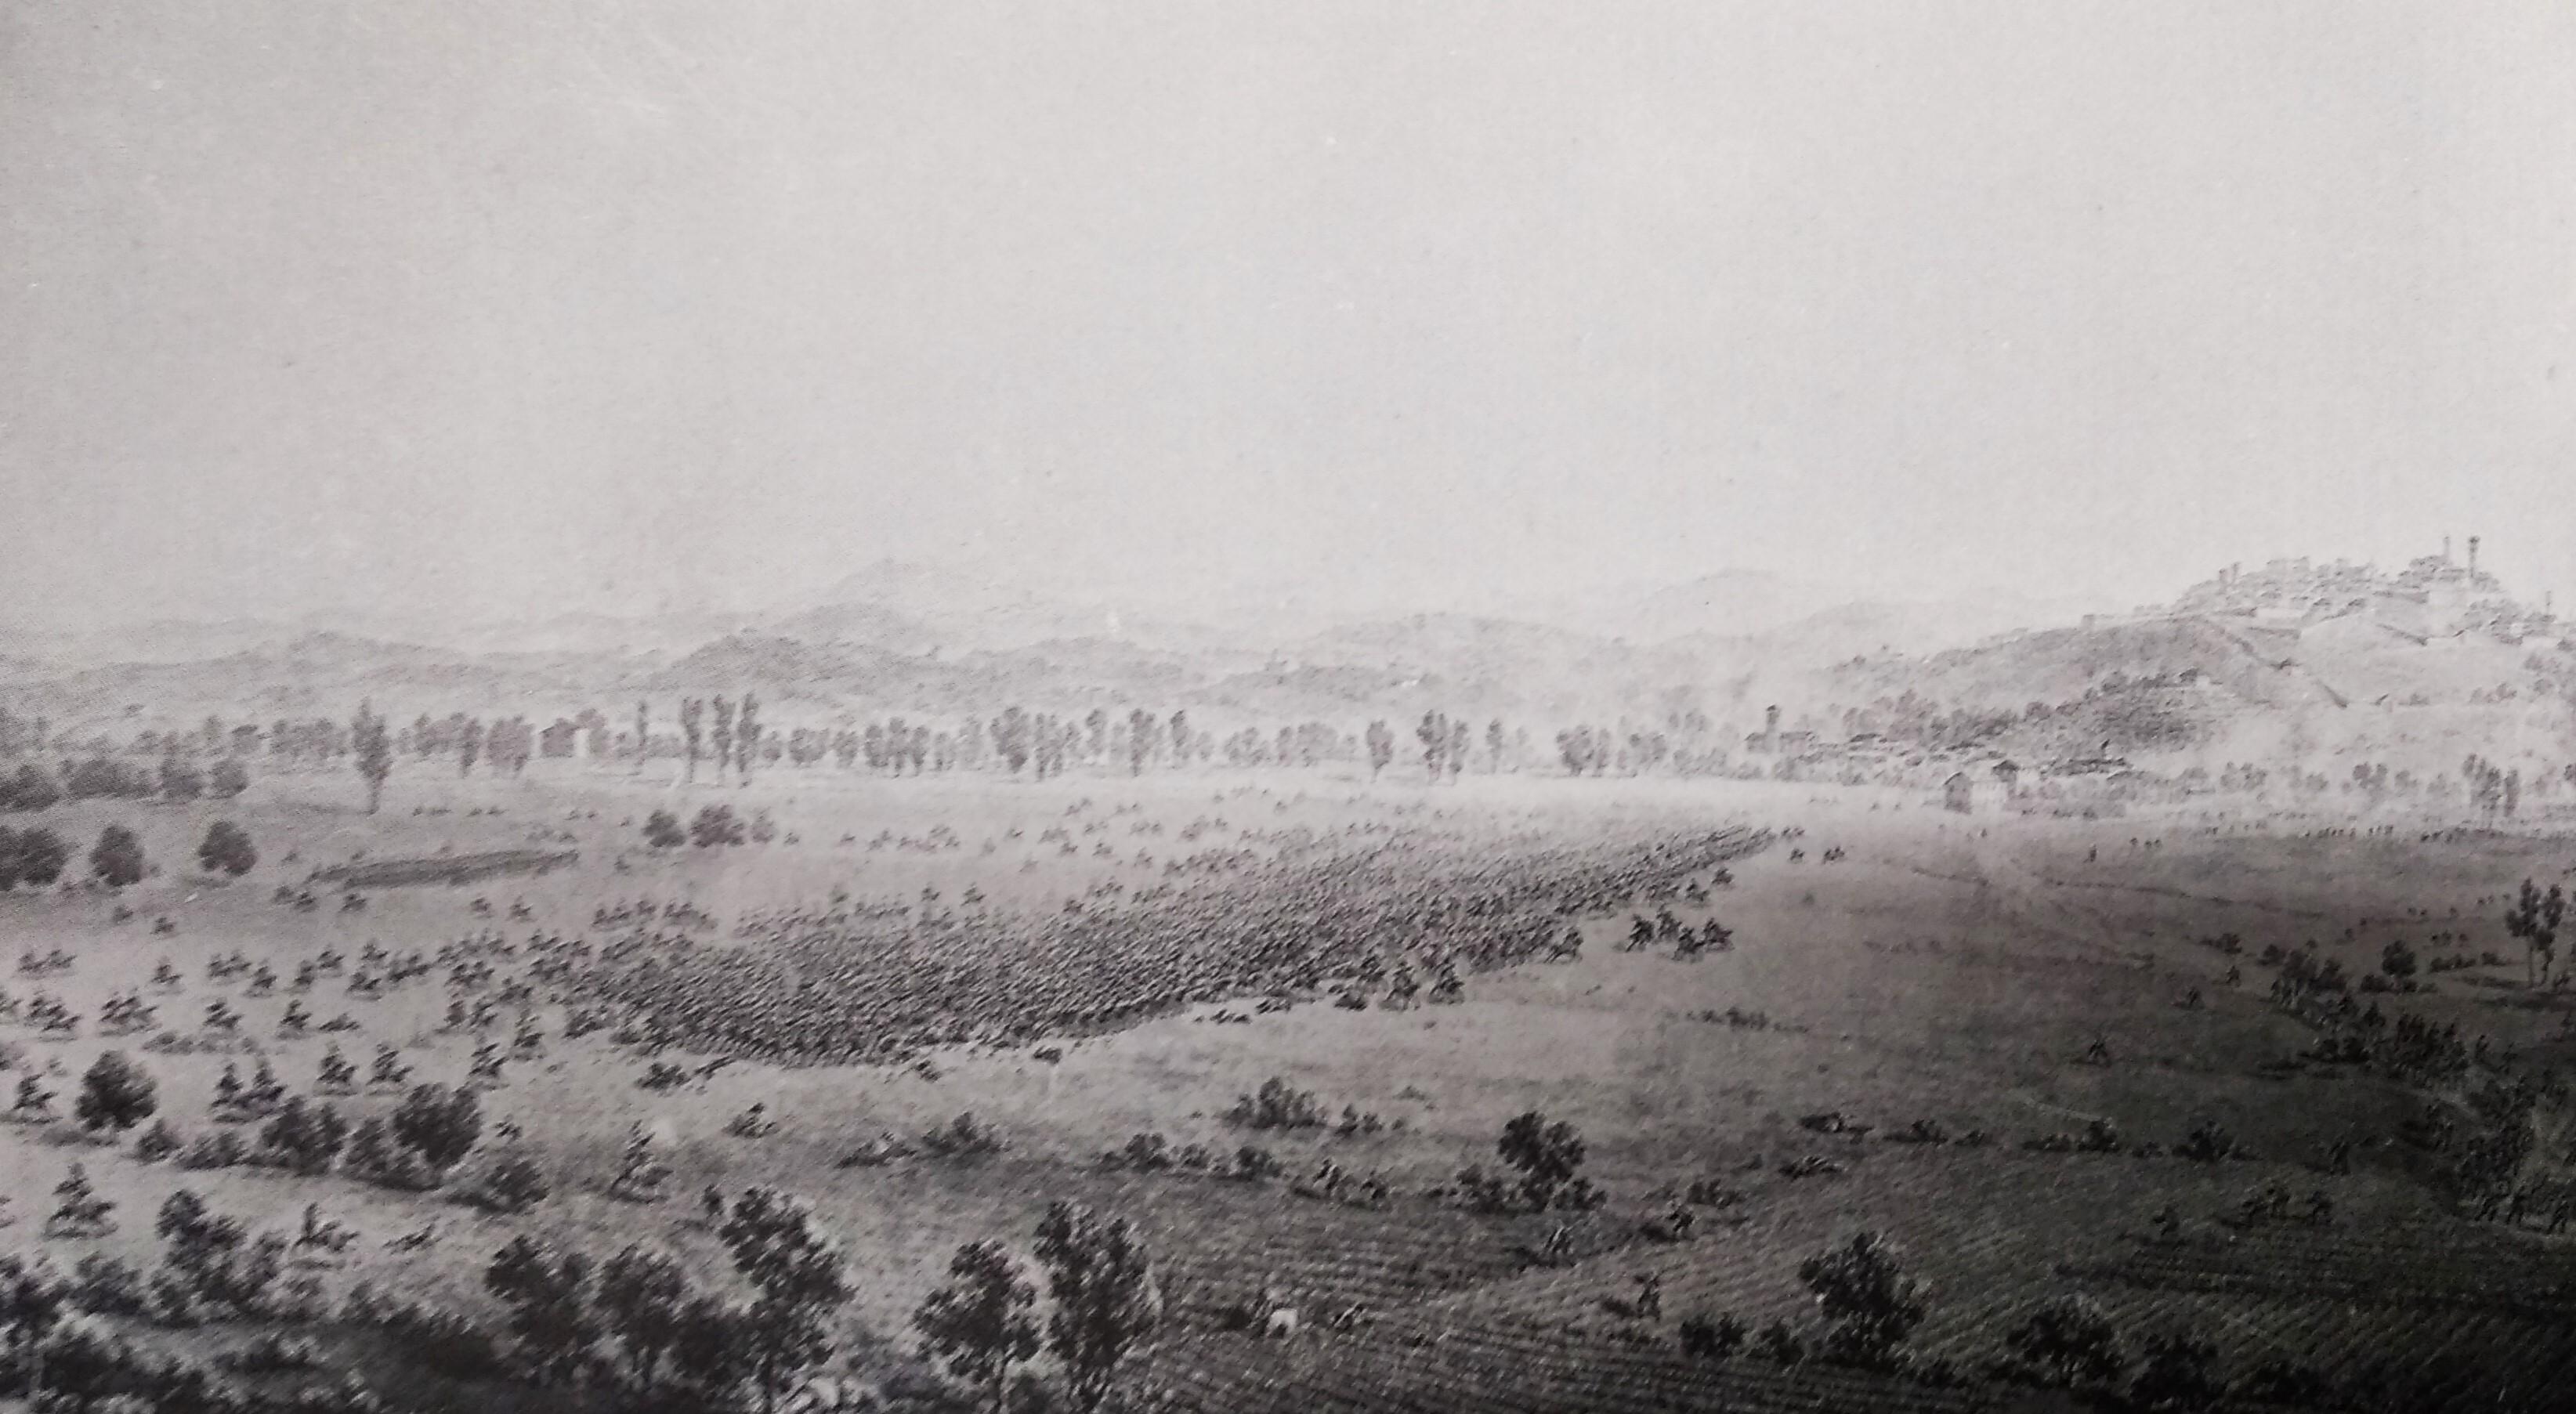 Giuseppe Pietro Bagetti, «Il combattimento della cavalleria piemontese contro quella francese sulle pianure di Carassone vicino a Mondovì, li 21 aprile 1796», acquerello, Torino, Palazzo Reale.